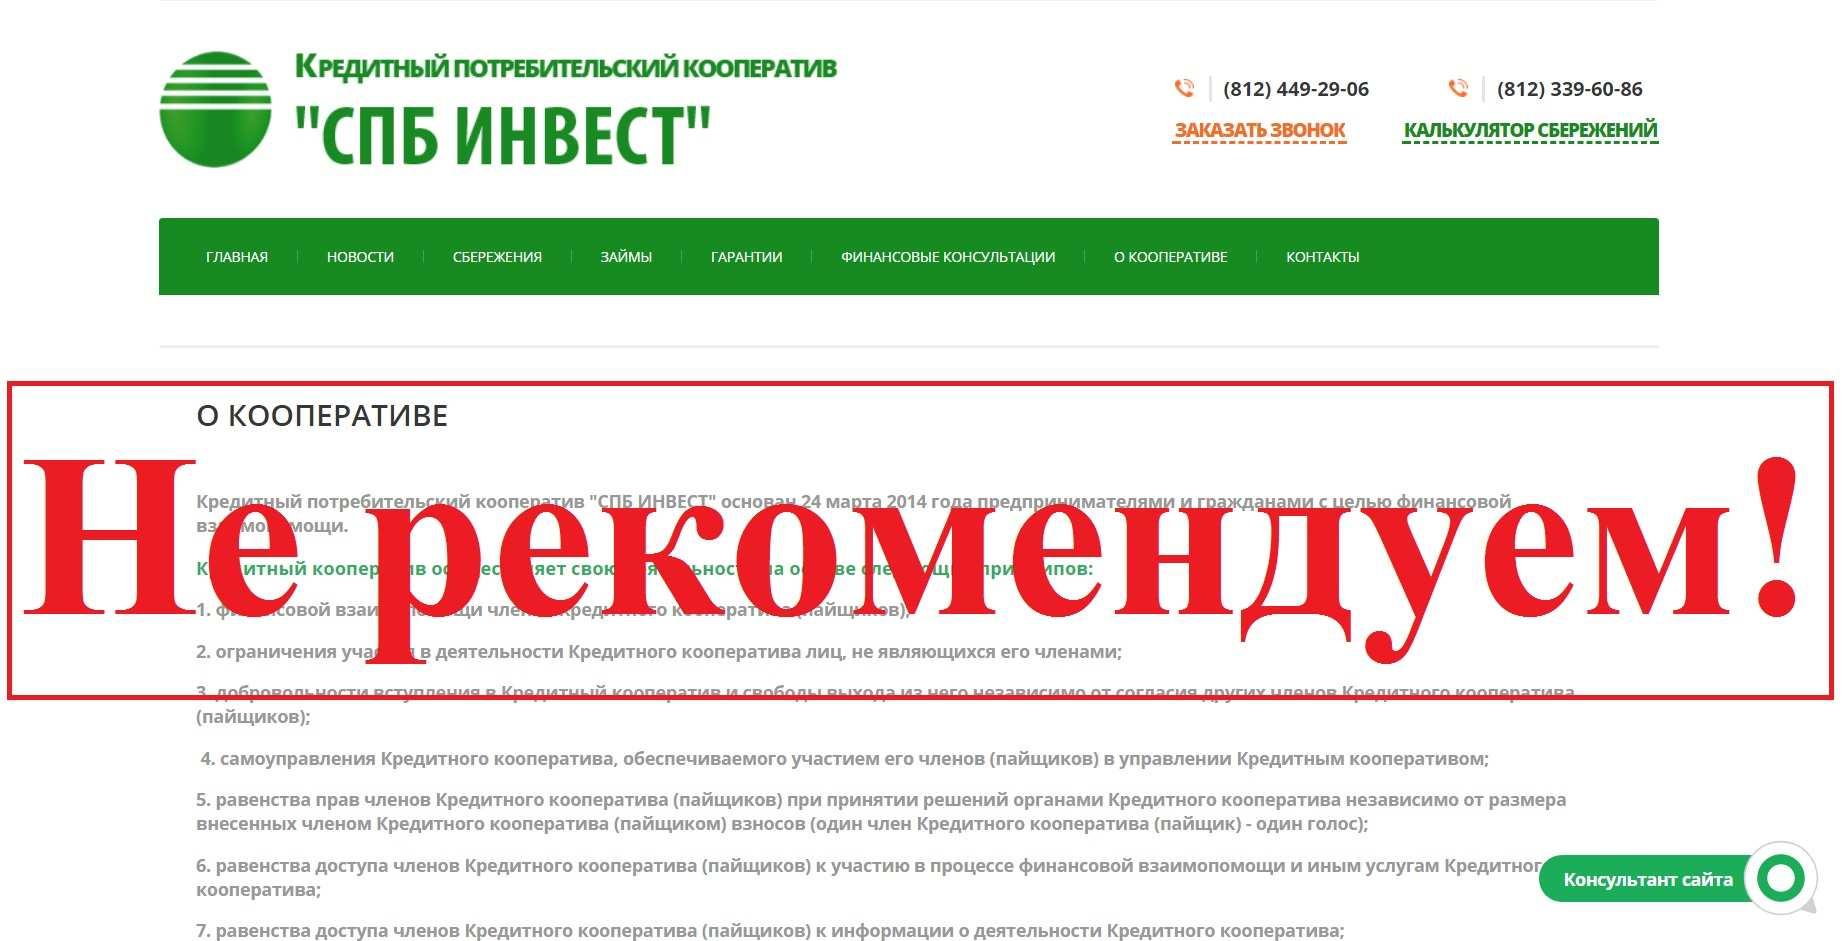 КПК СПб Инвест – отзывы о СПб Инвест